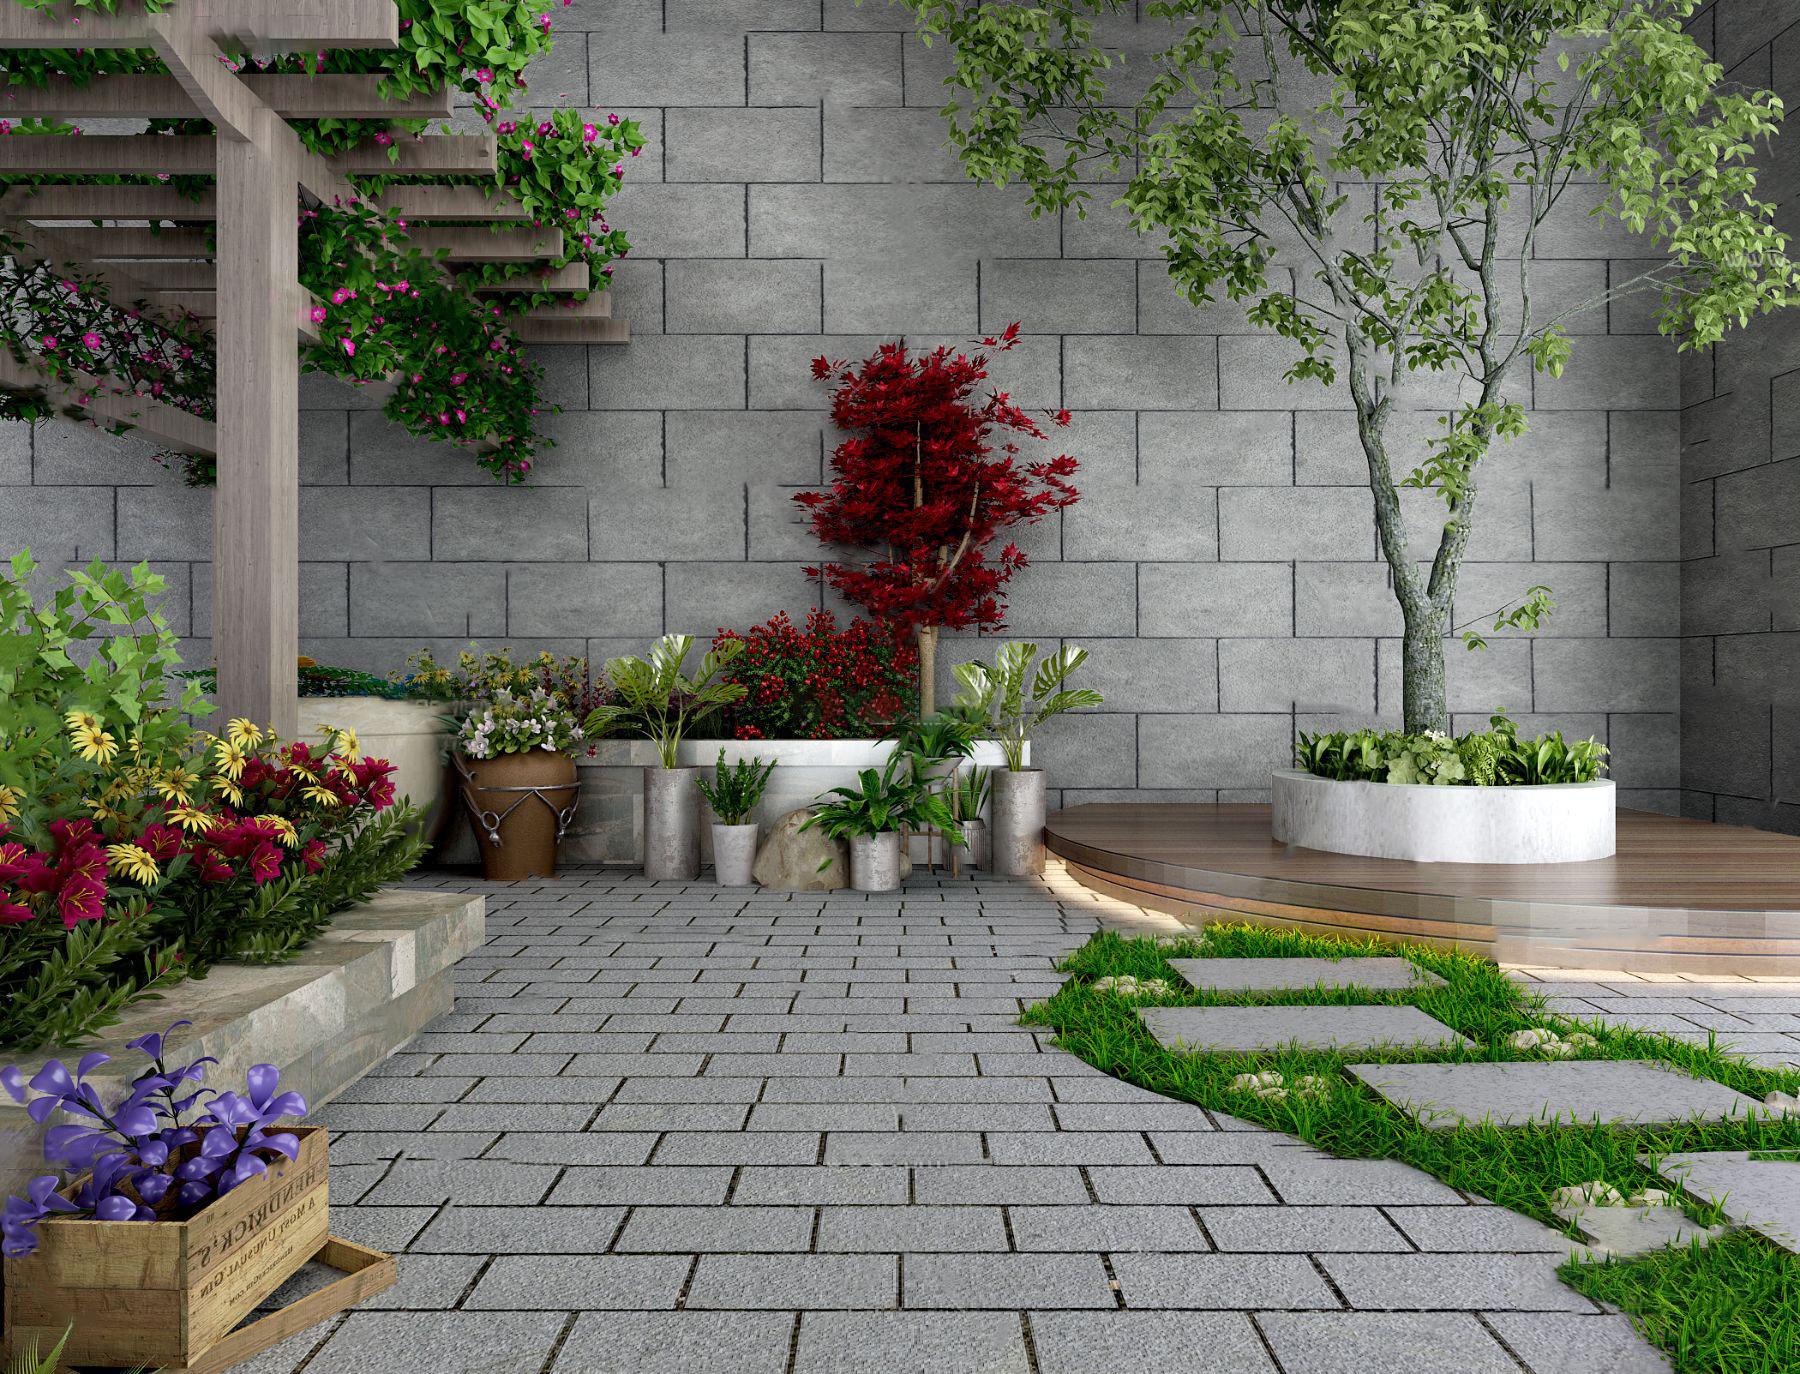 现代花园景观园艺小品3D模型【ID:142270460】